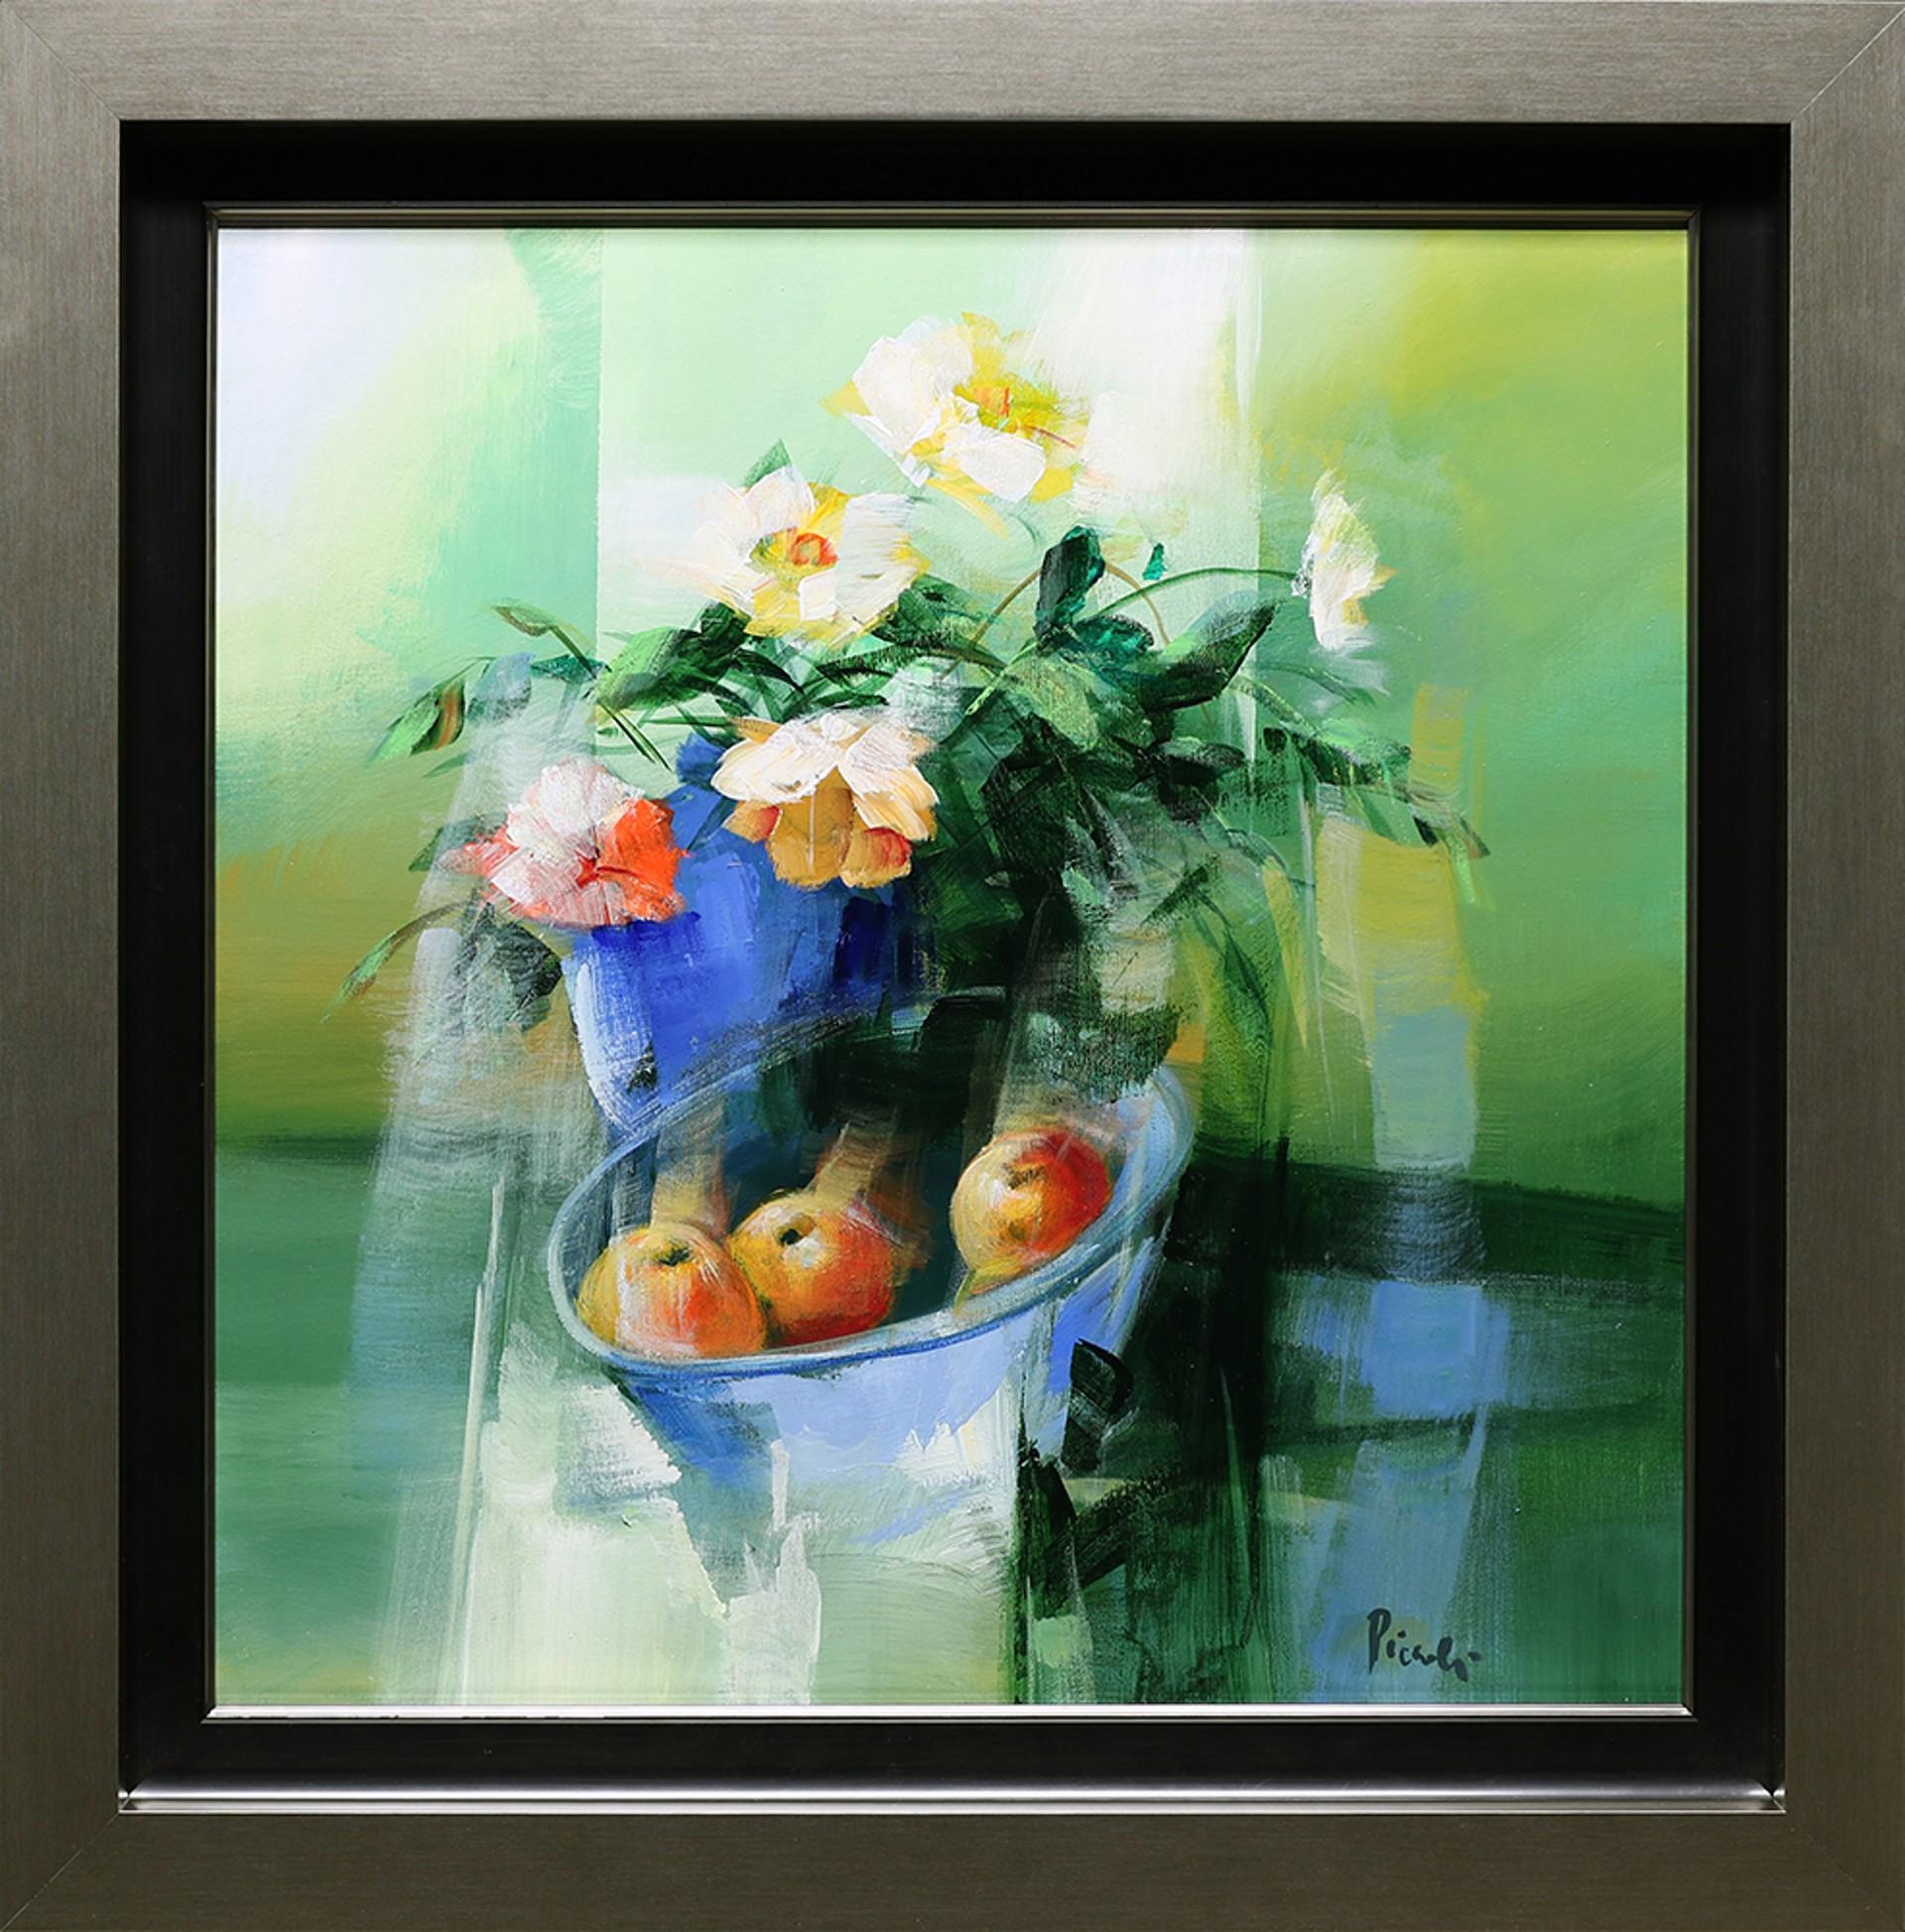 Composizione con Frutta by Pietro Piccoli